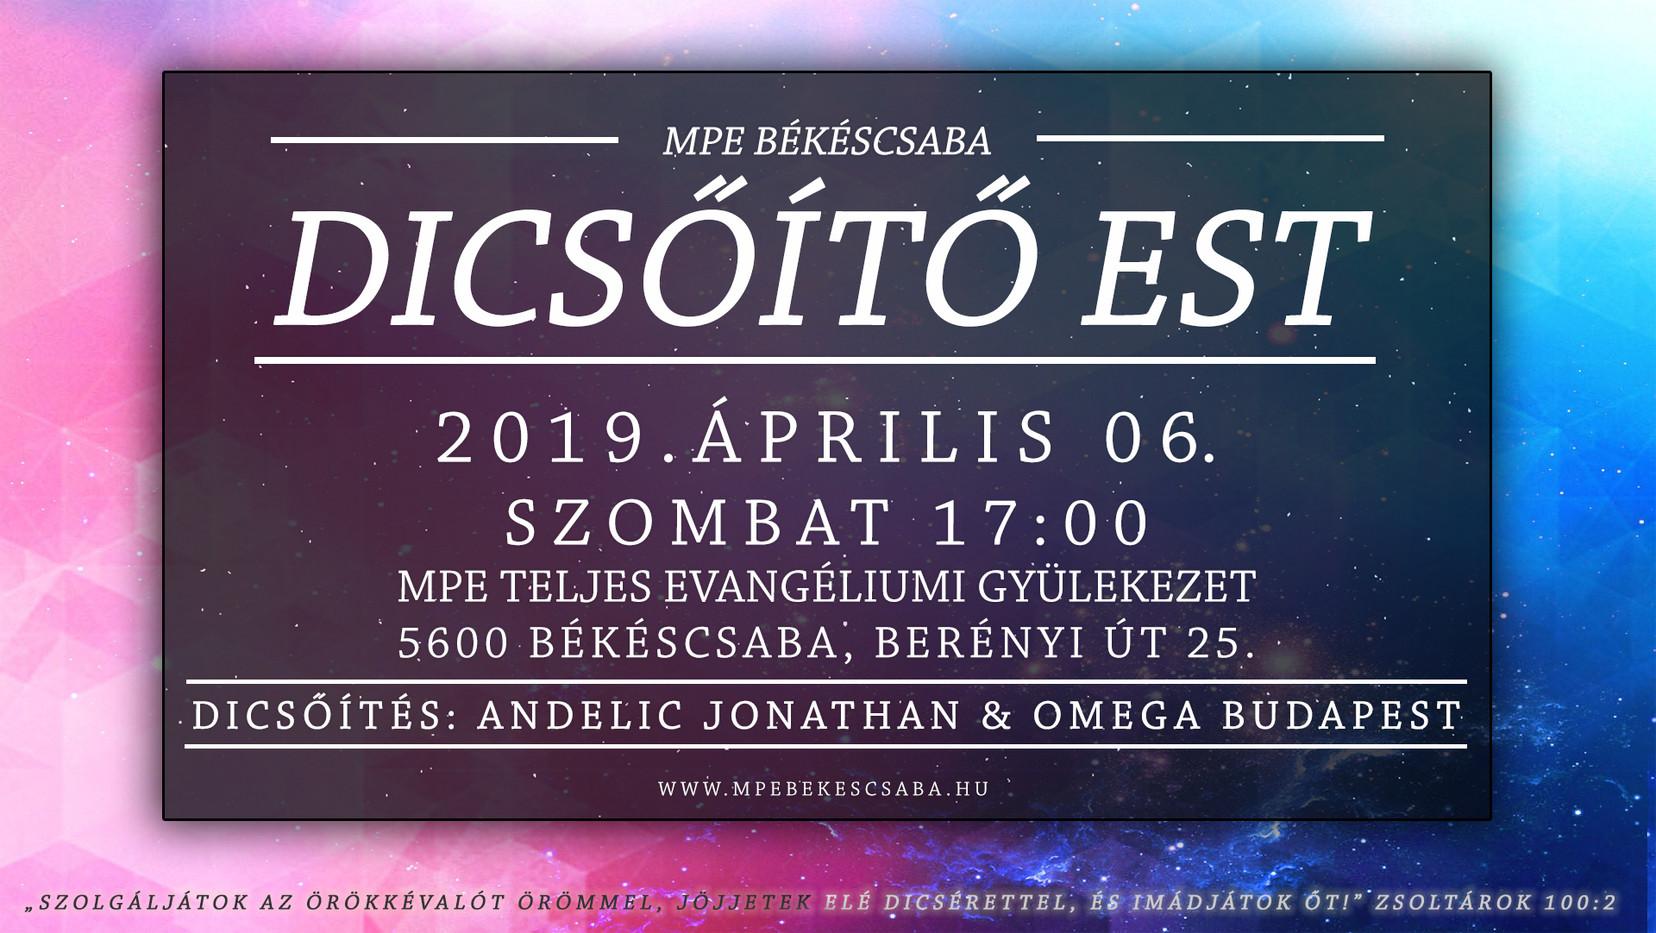 Dicsőítő est 2019.04.06